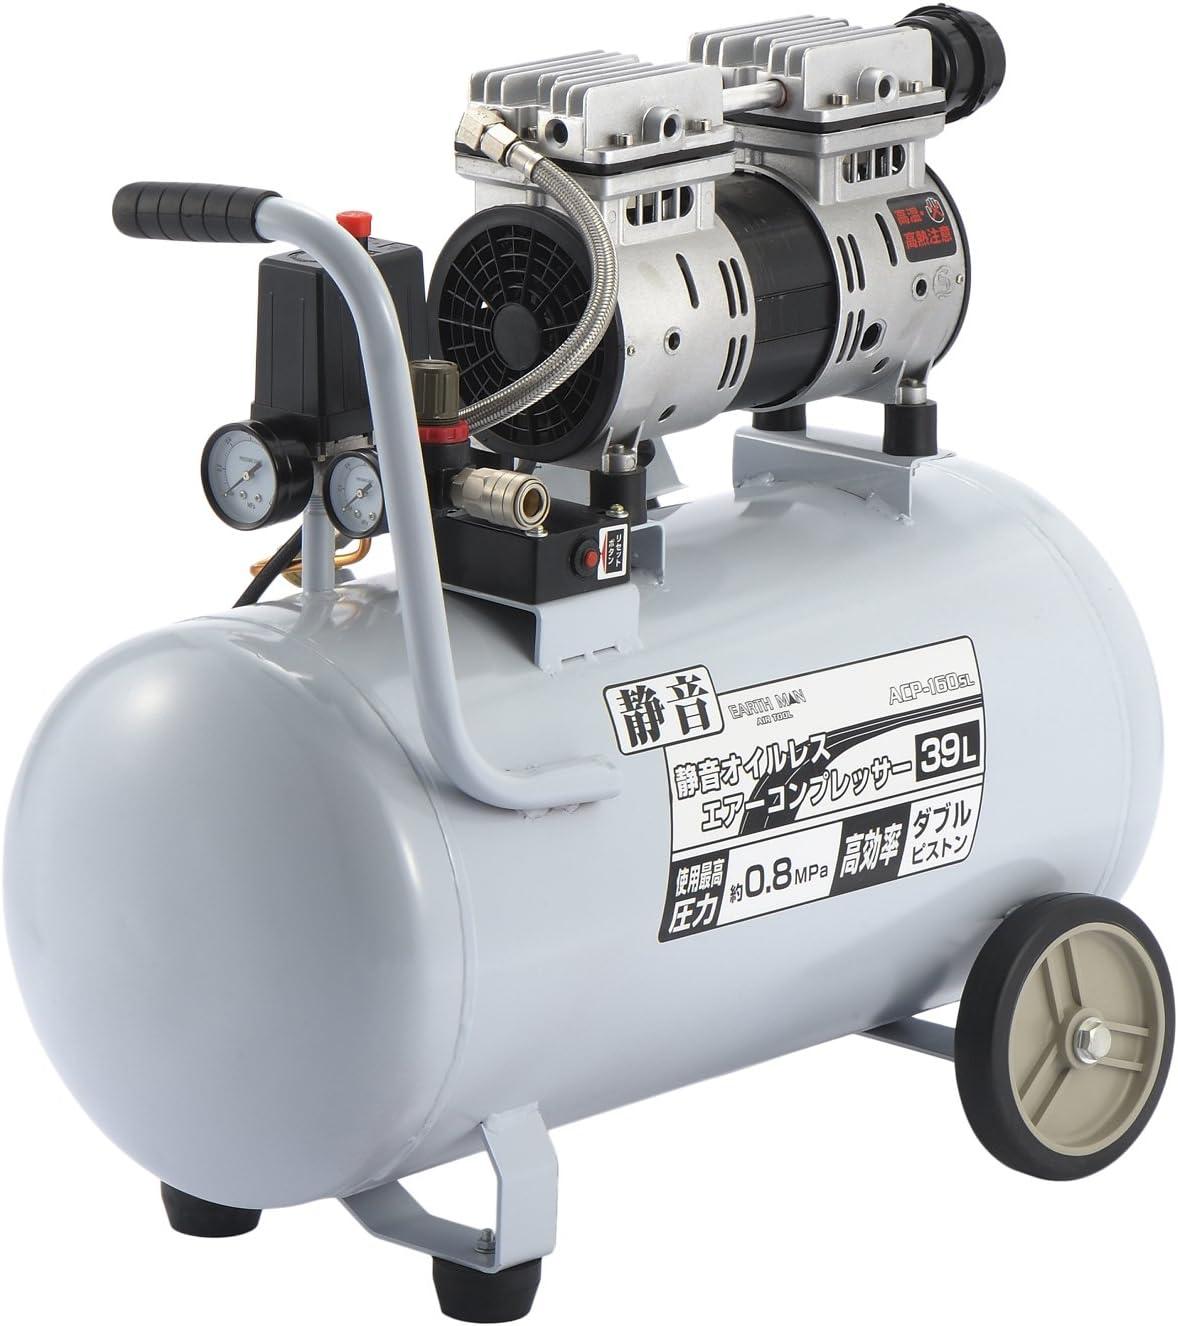 高儀 EARTH MAN エアーコンプレッサー 静音オイルレス 39L ACP-160SL